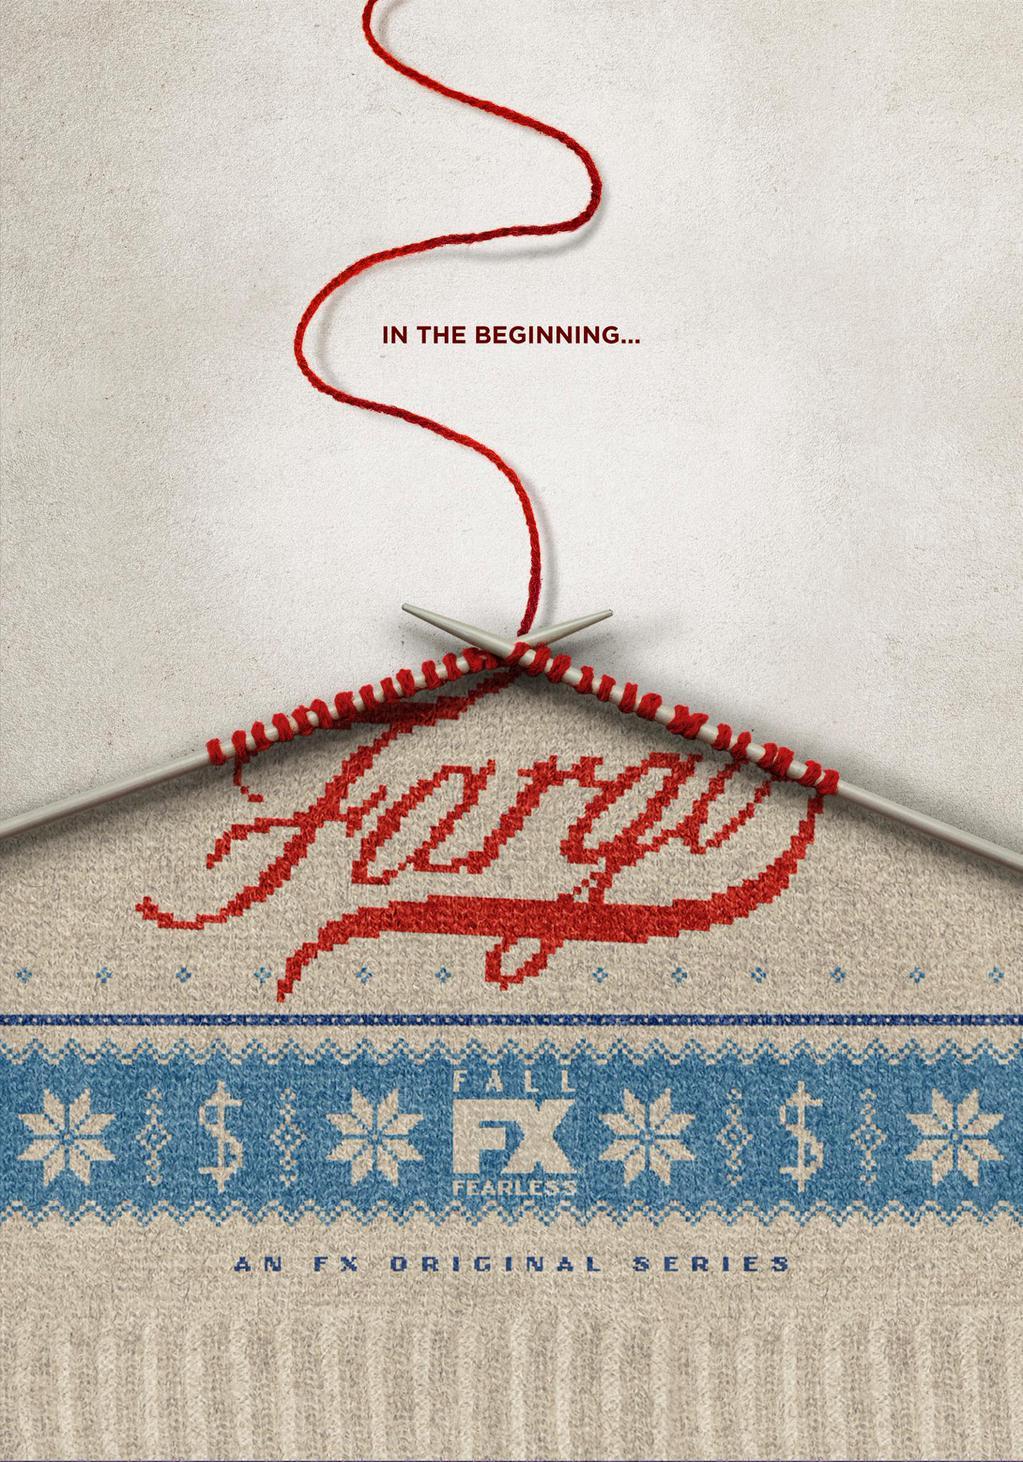 Второй сезон «Фарго» с Кирстен Данст и Патриком Уилсоном обзавелся первым постером в уже знакомом стиле http://t.co/pSvPkrqYR4